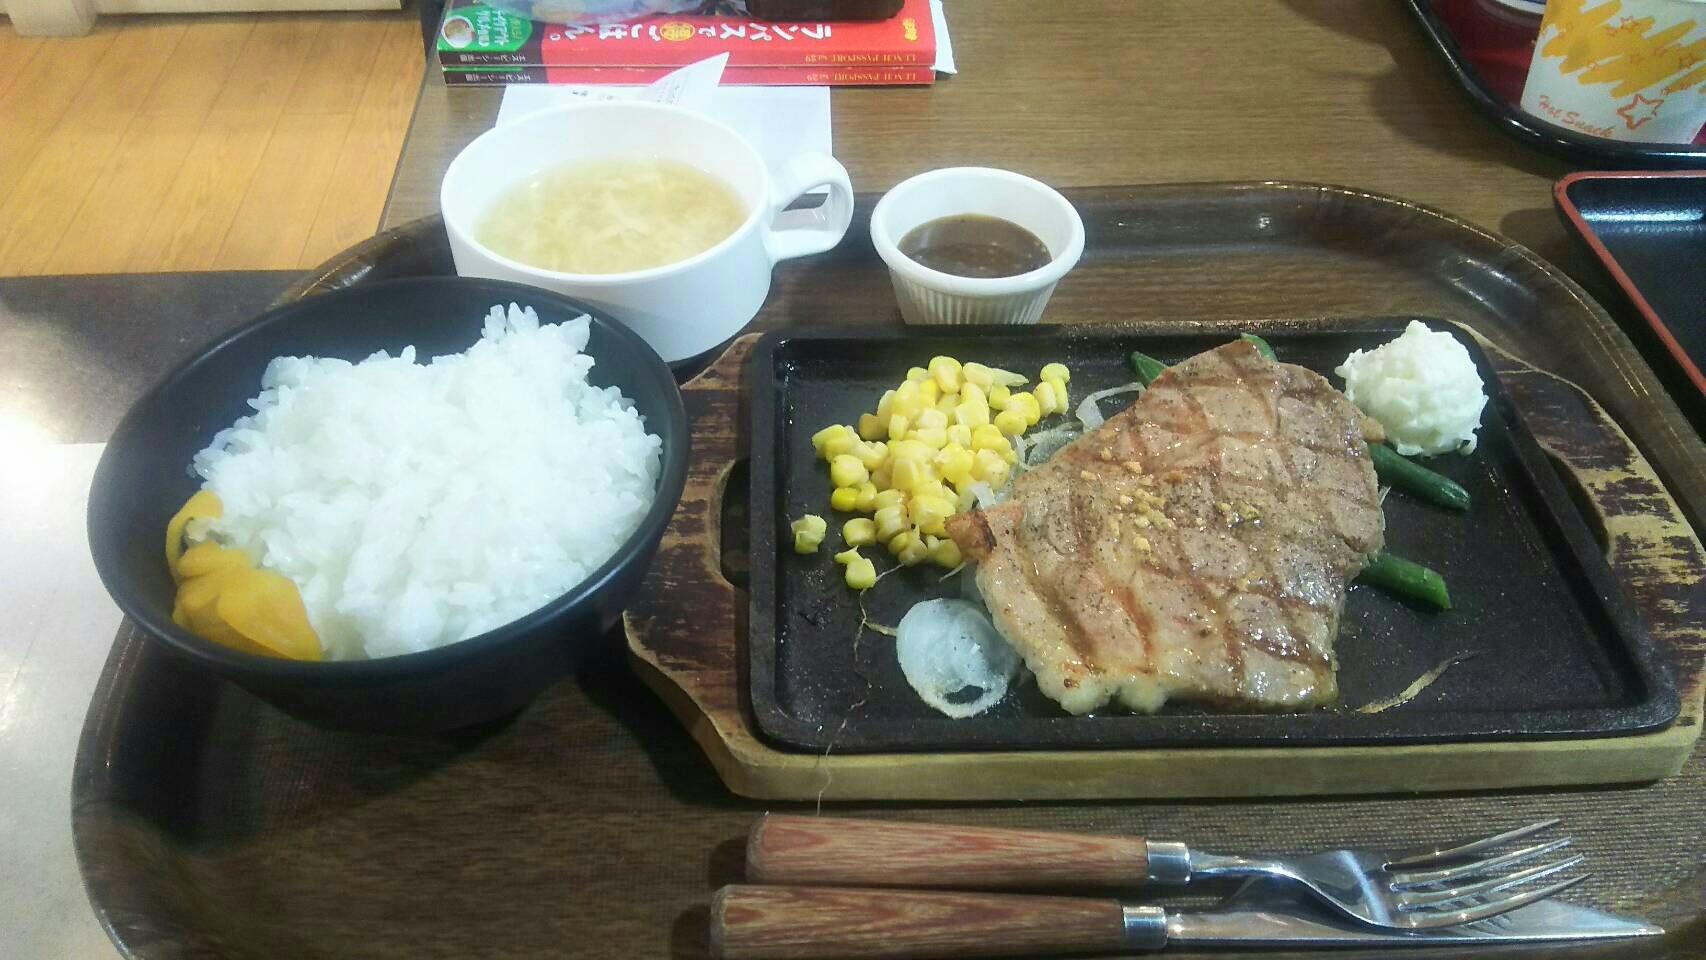 愛媛県松山市ワンコインランチステーキ安いおいしい肉料理おすすめ